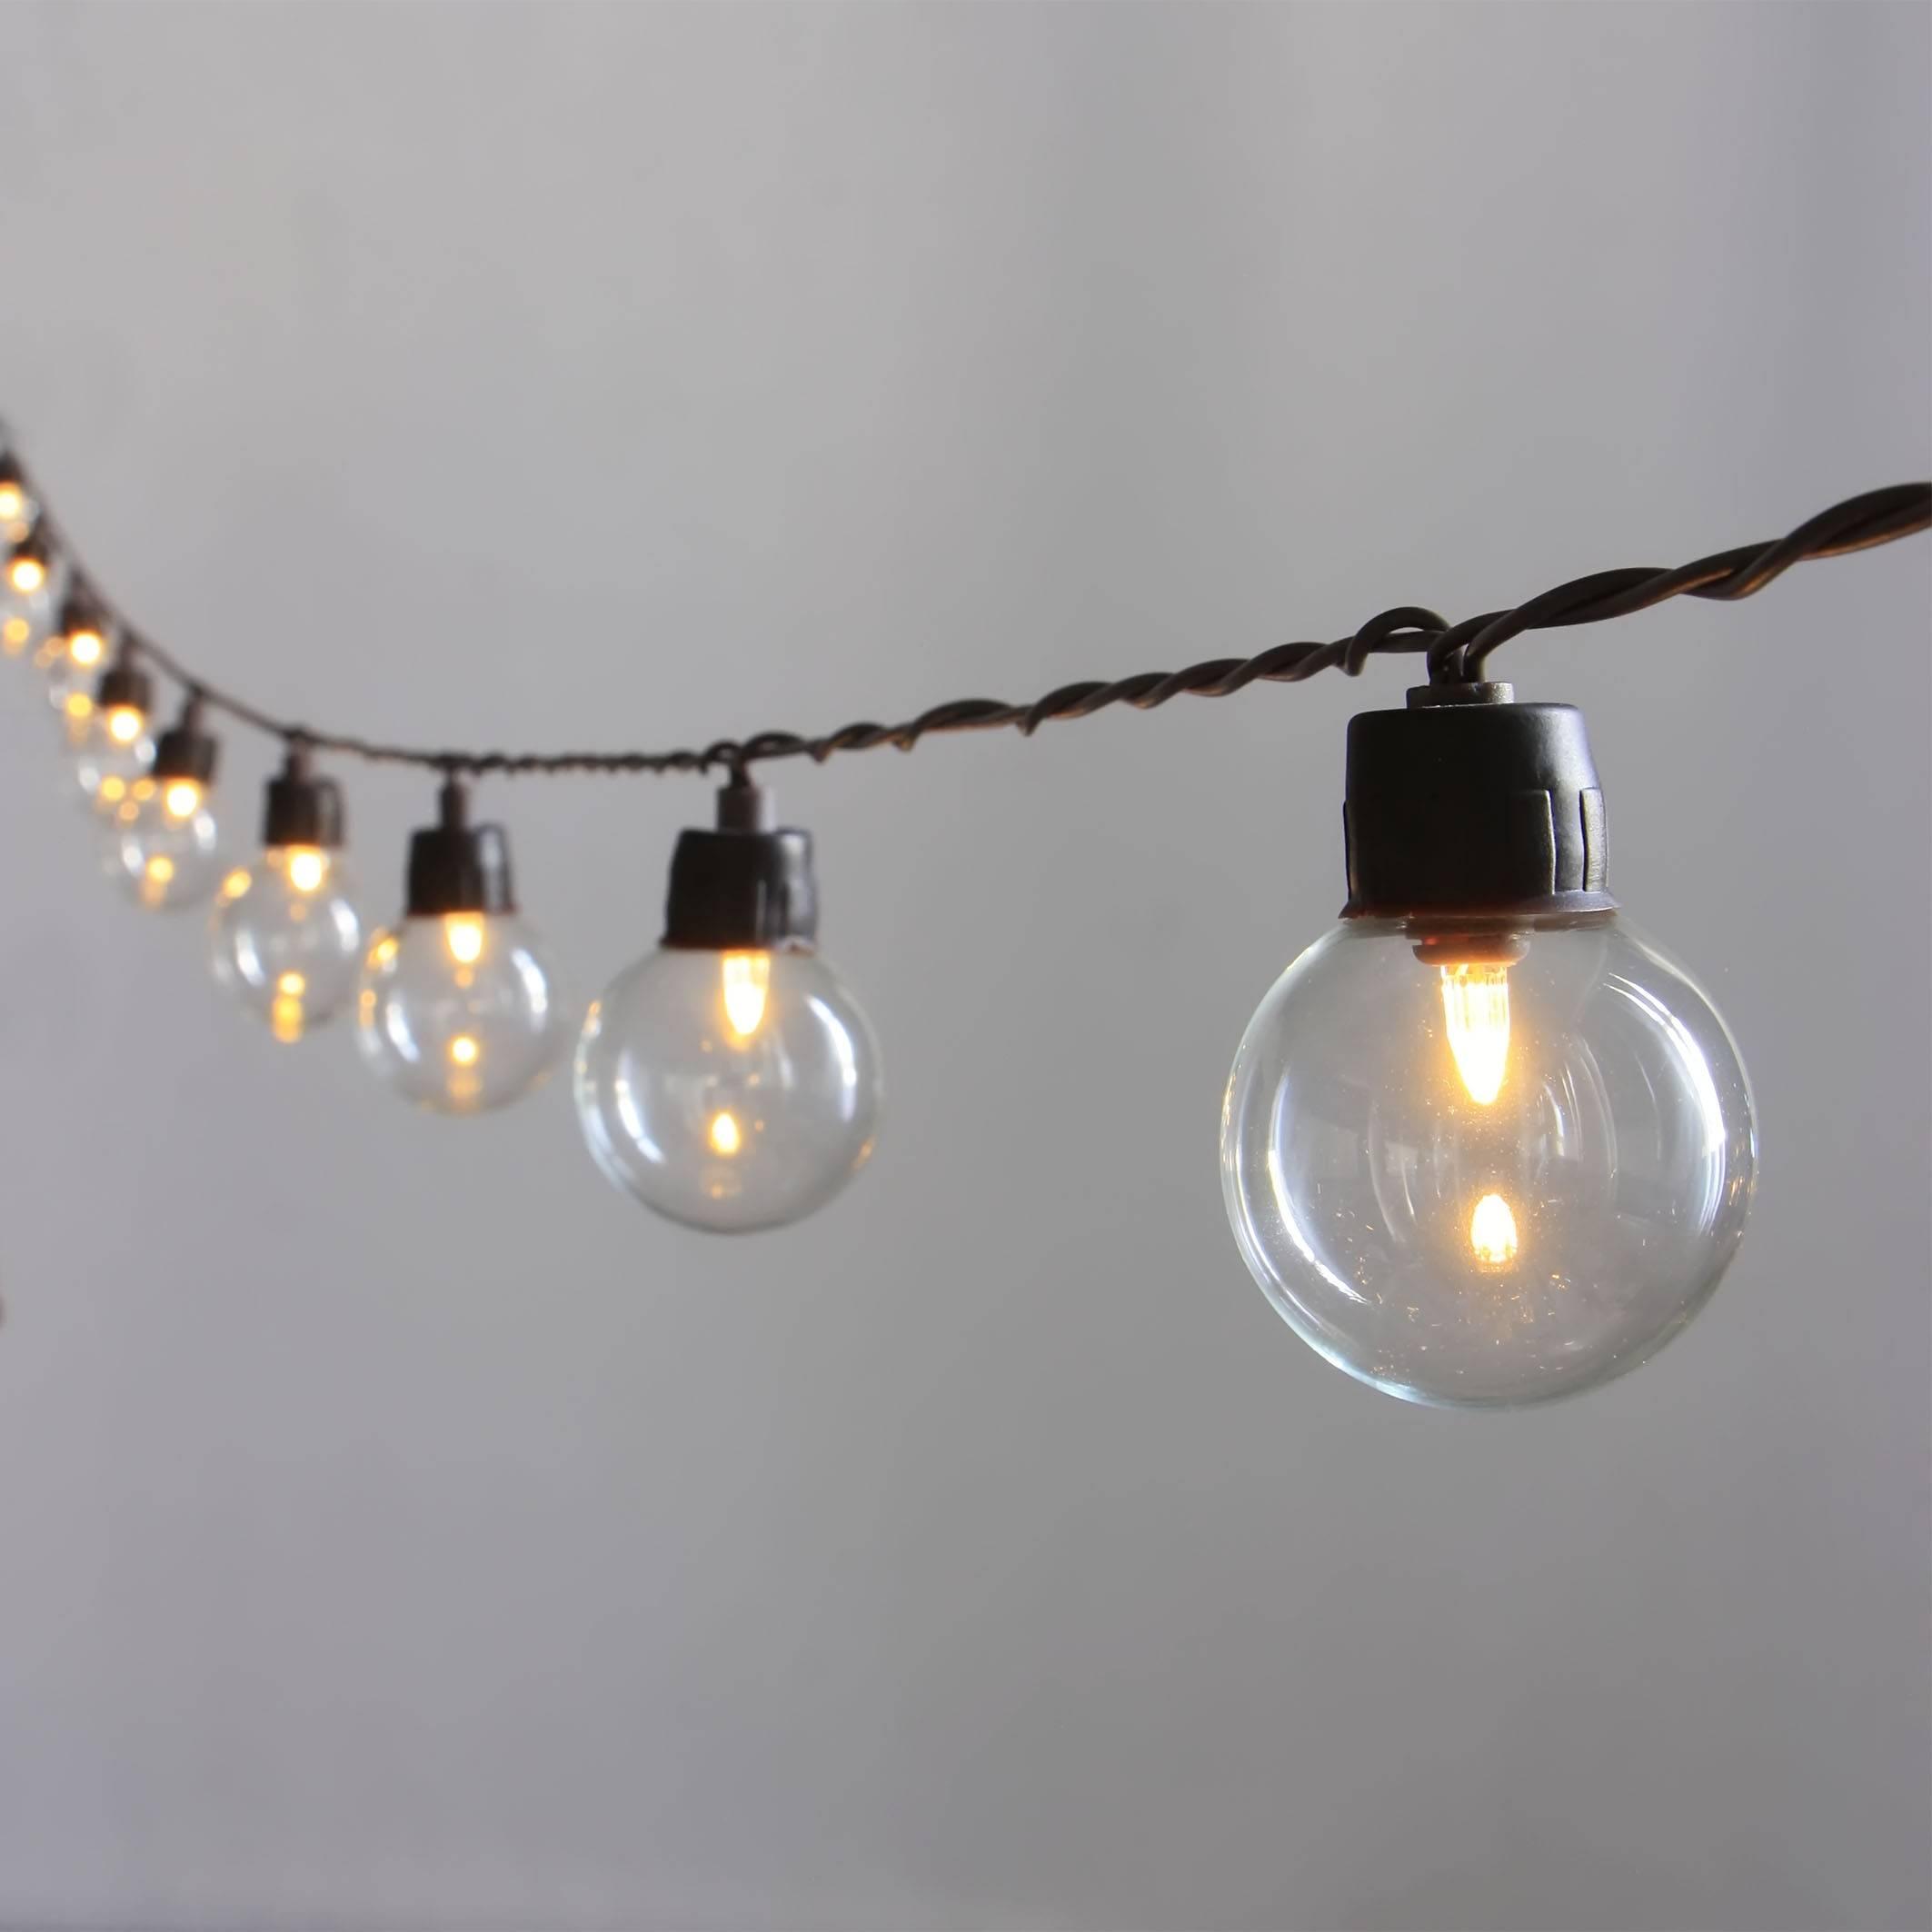 Solar Powered G40 LED String Light KF41040-SO